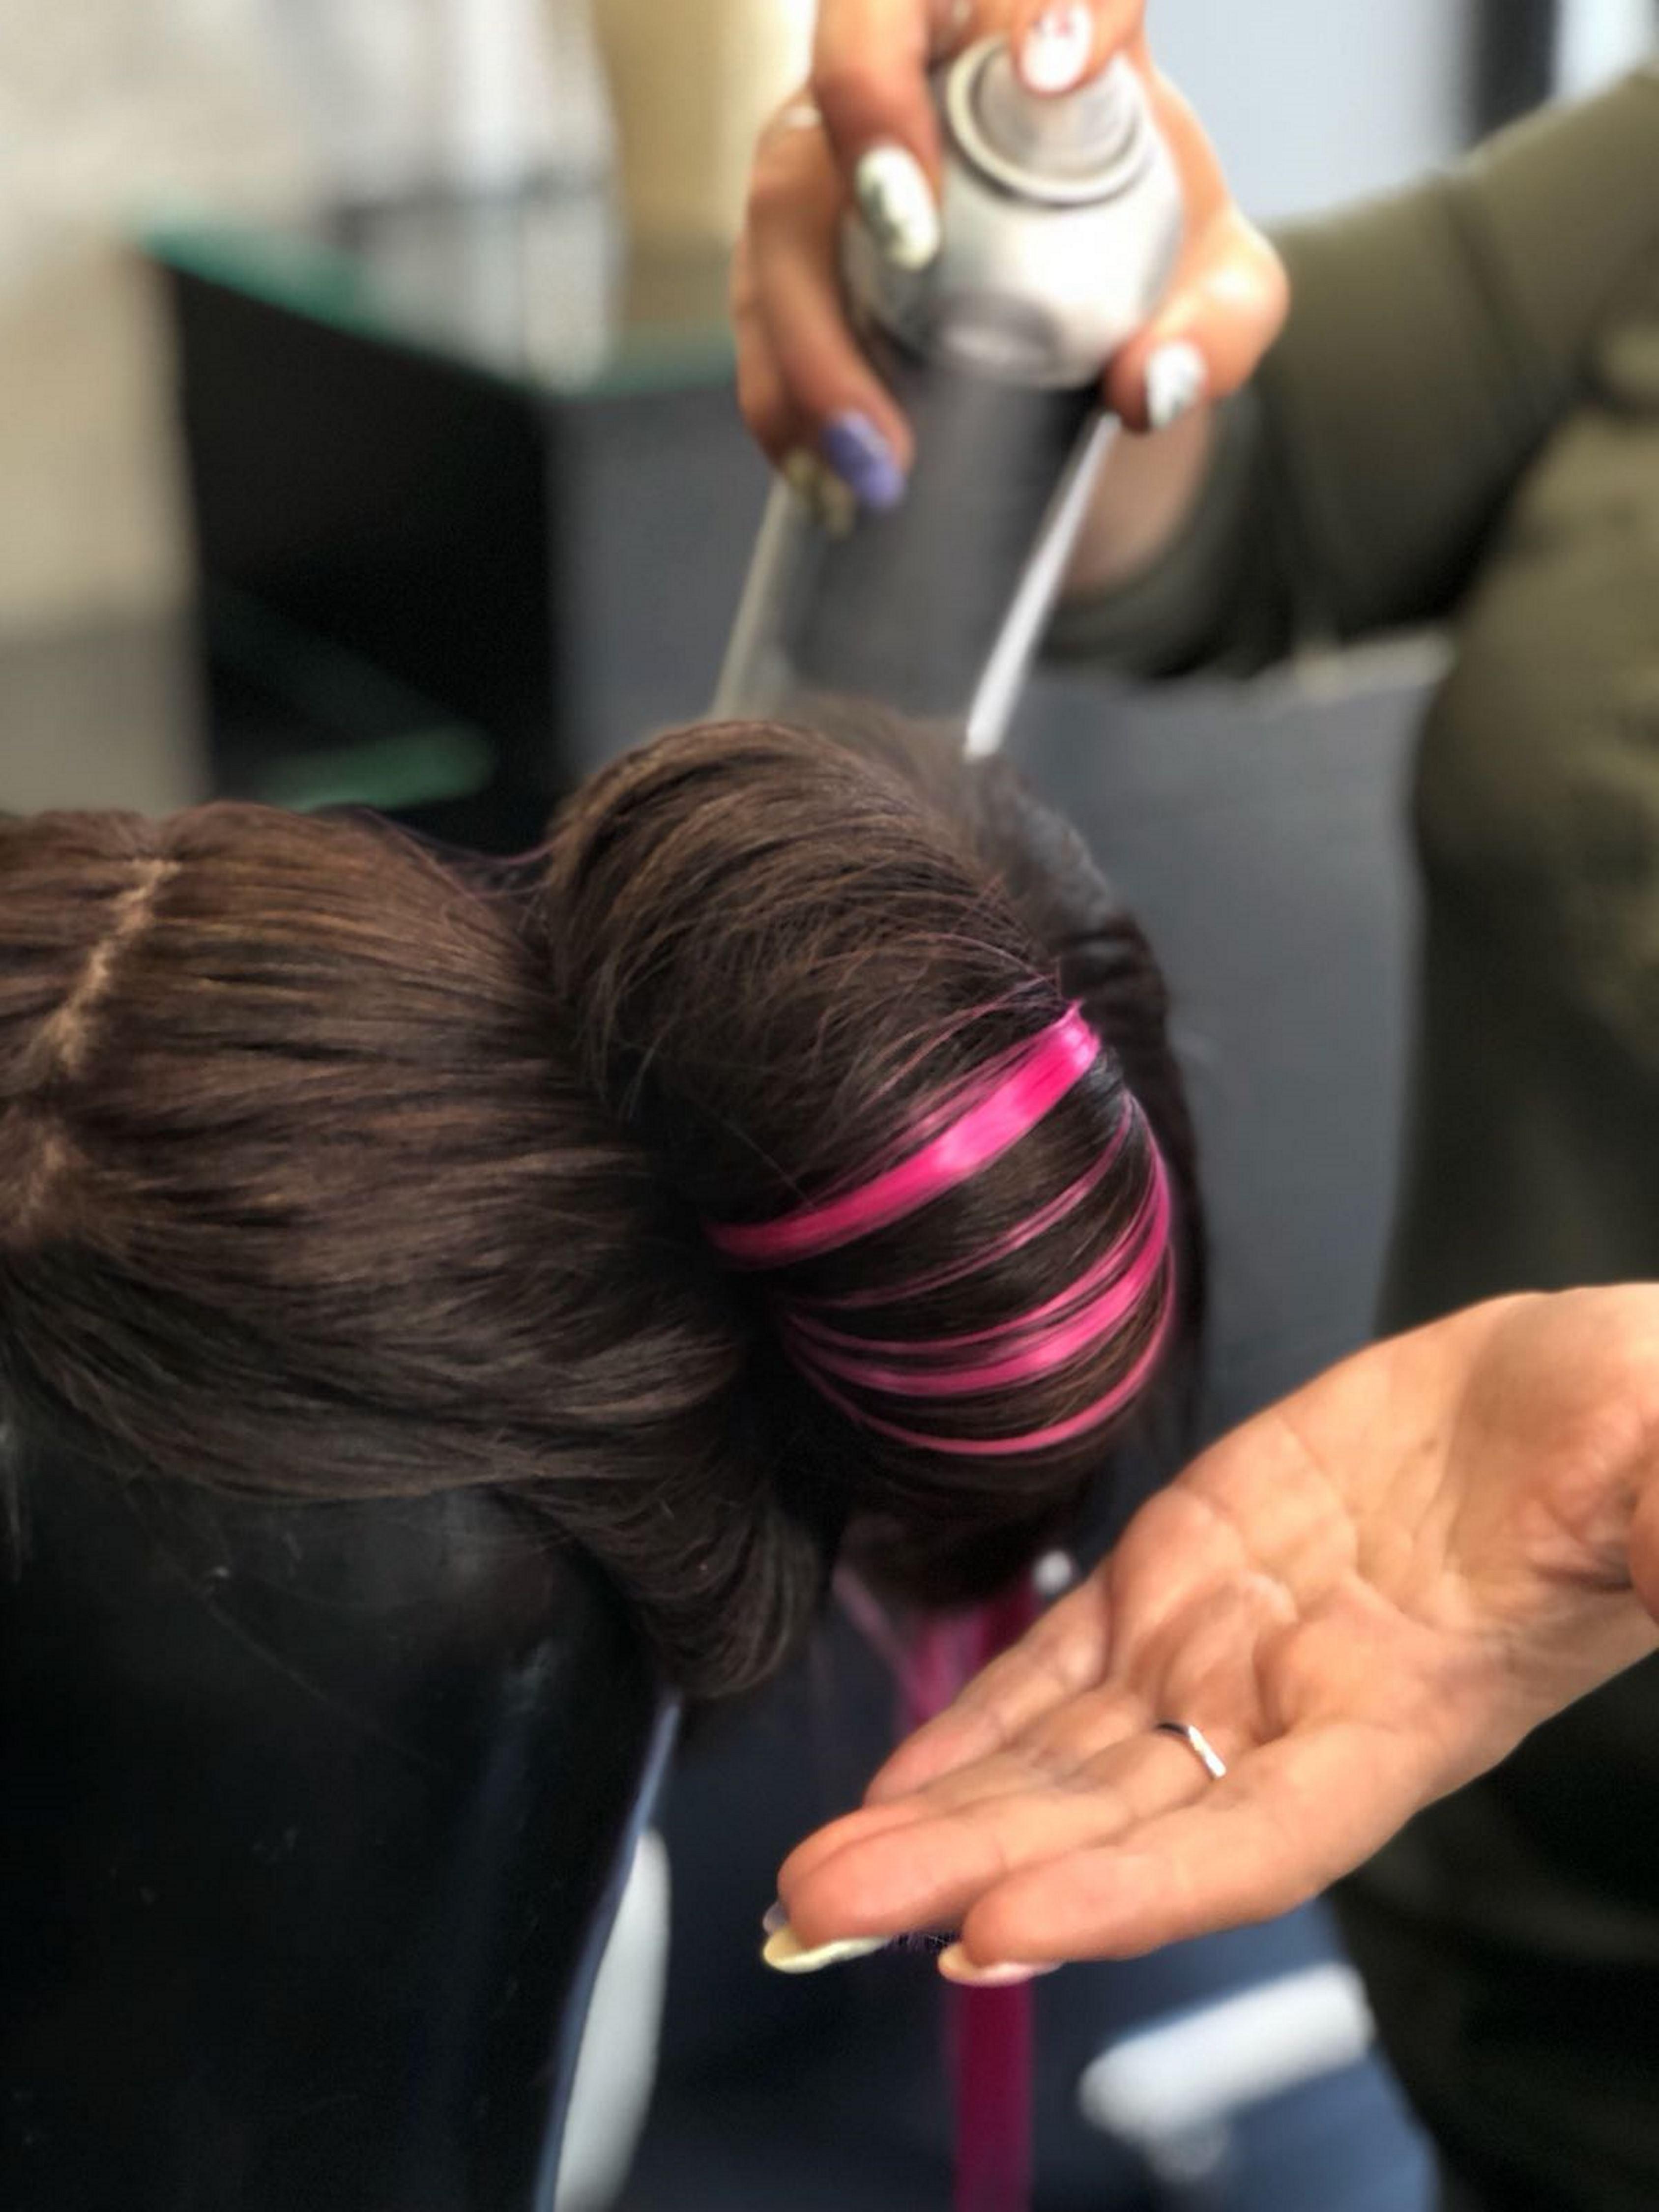 5. מקבעים את צורת השיער באמצעות ספריי קיבוע